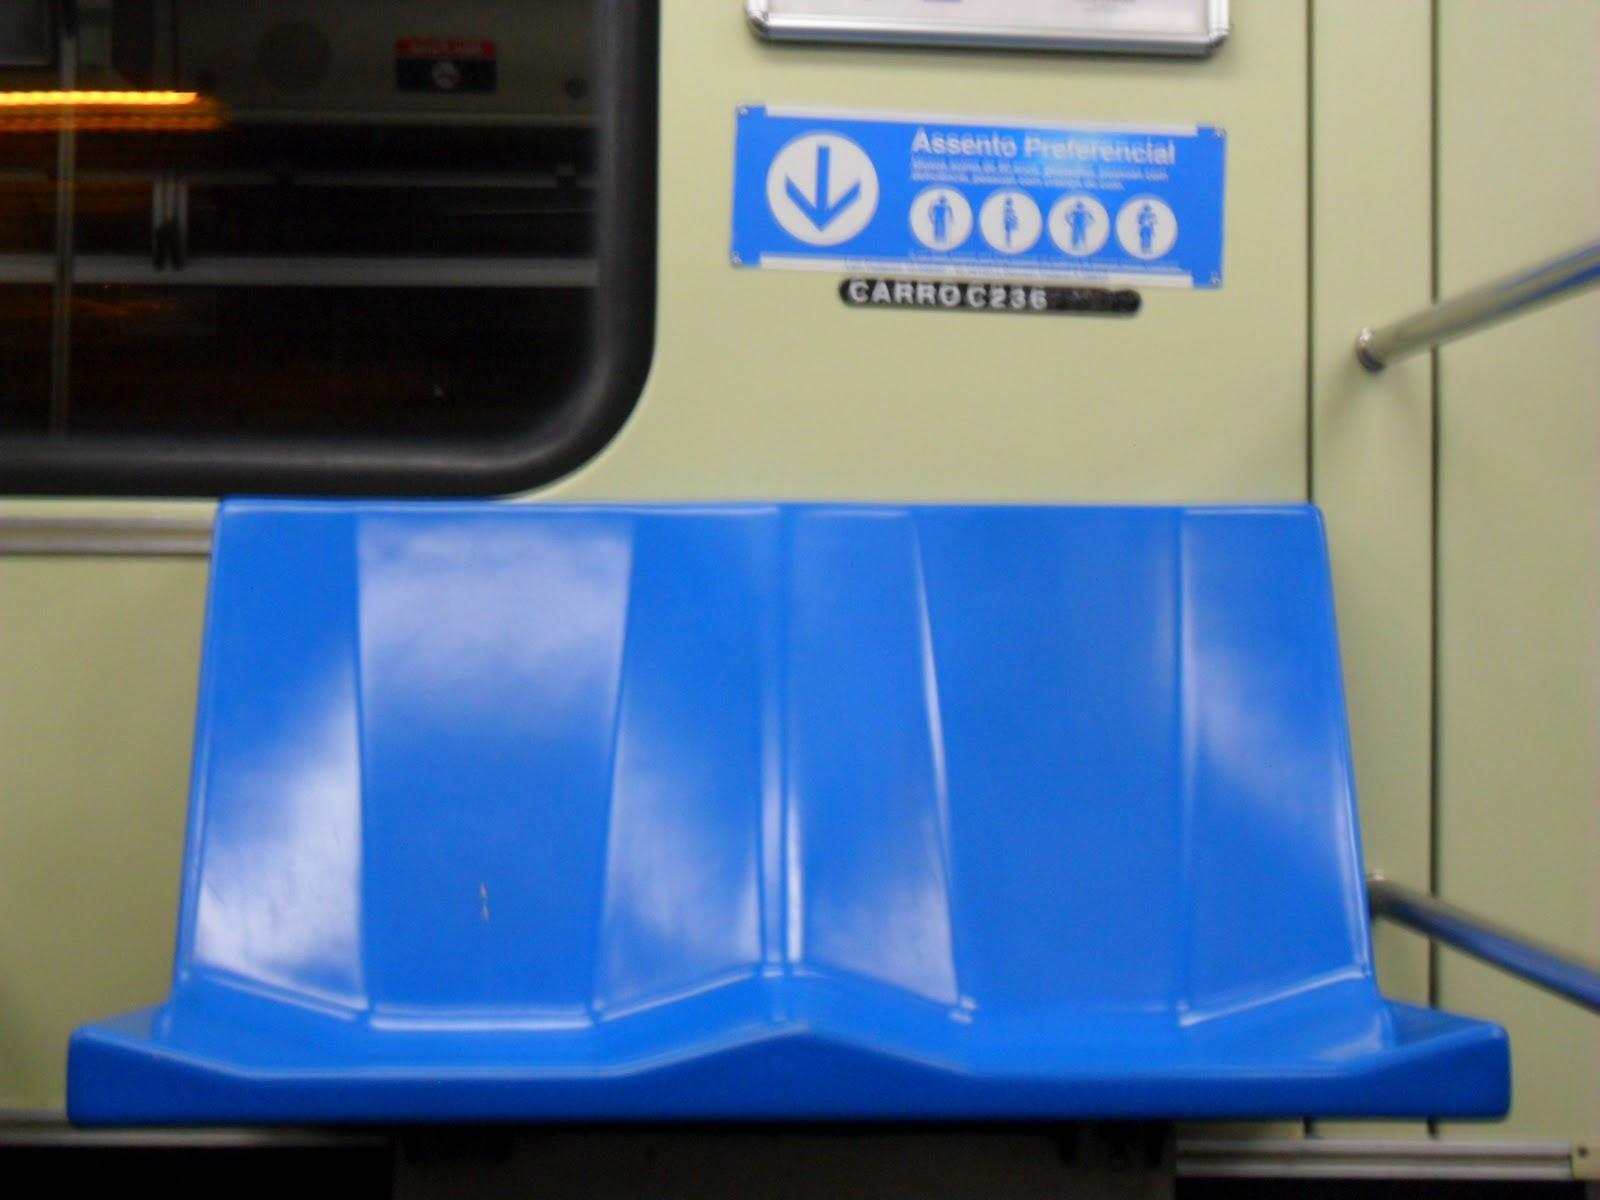 terça feira 19 de junho de 2012 #043088 1600x1200 Banco Para Banheiro De Idoso